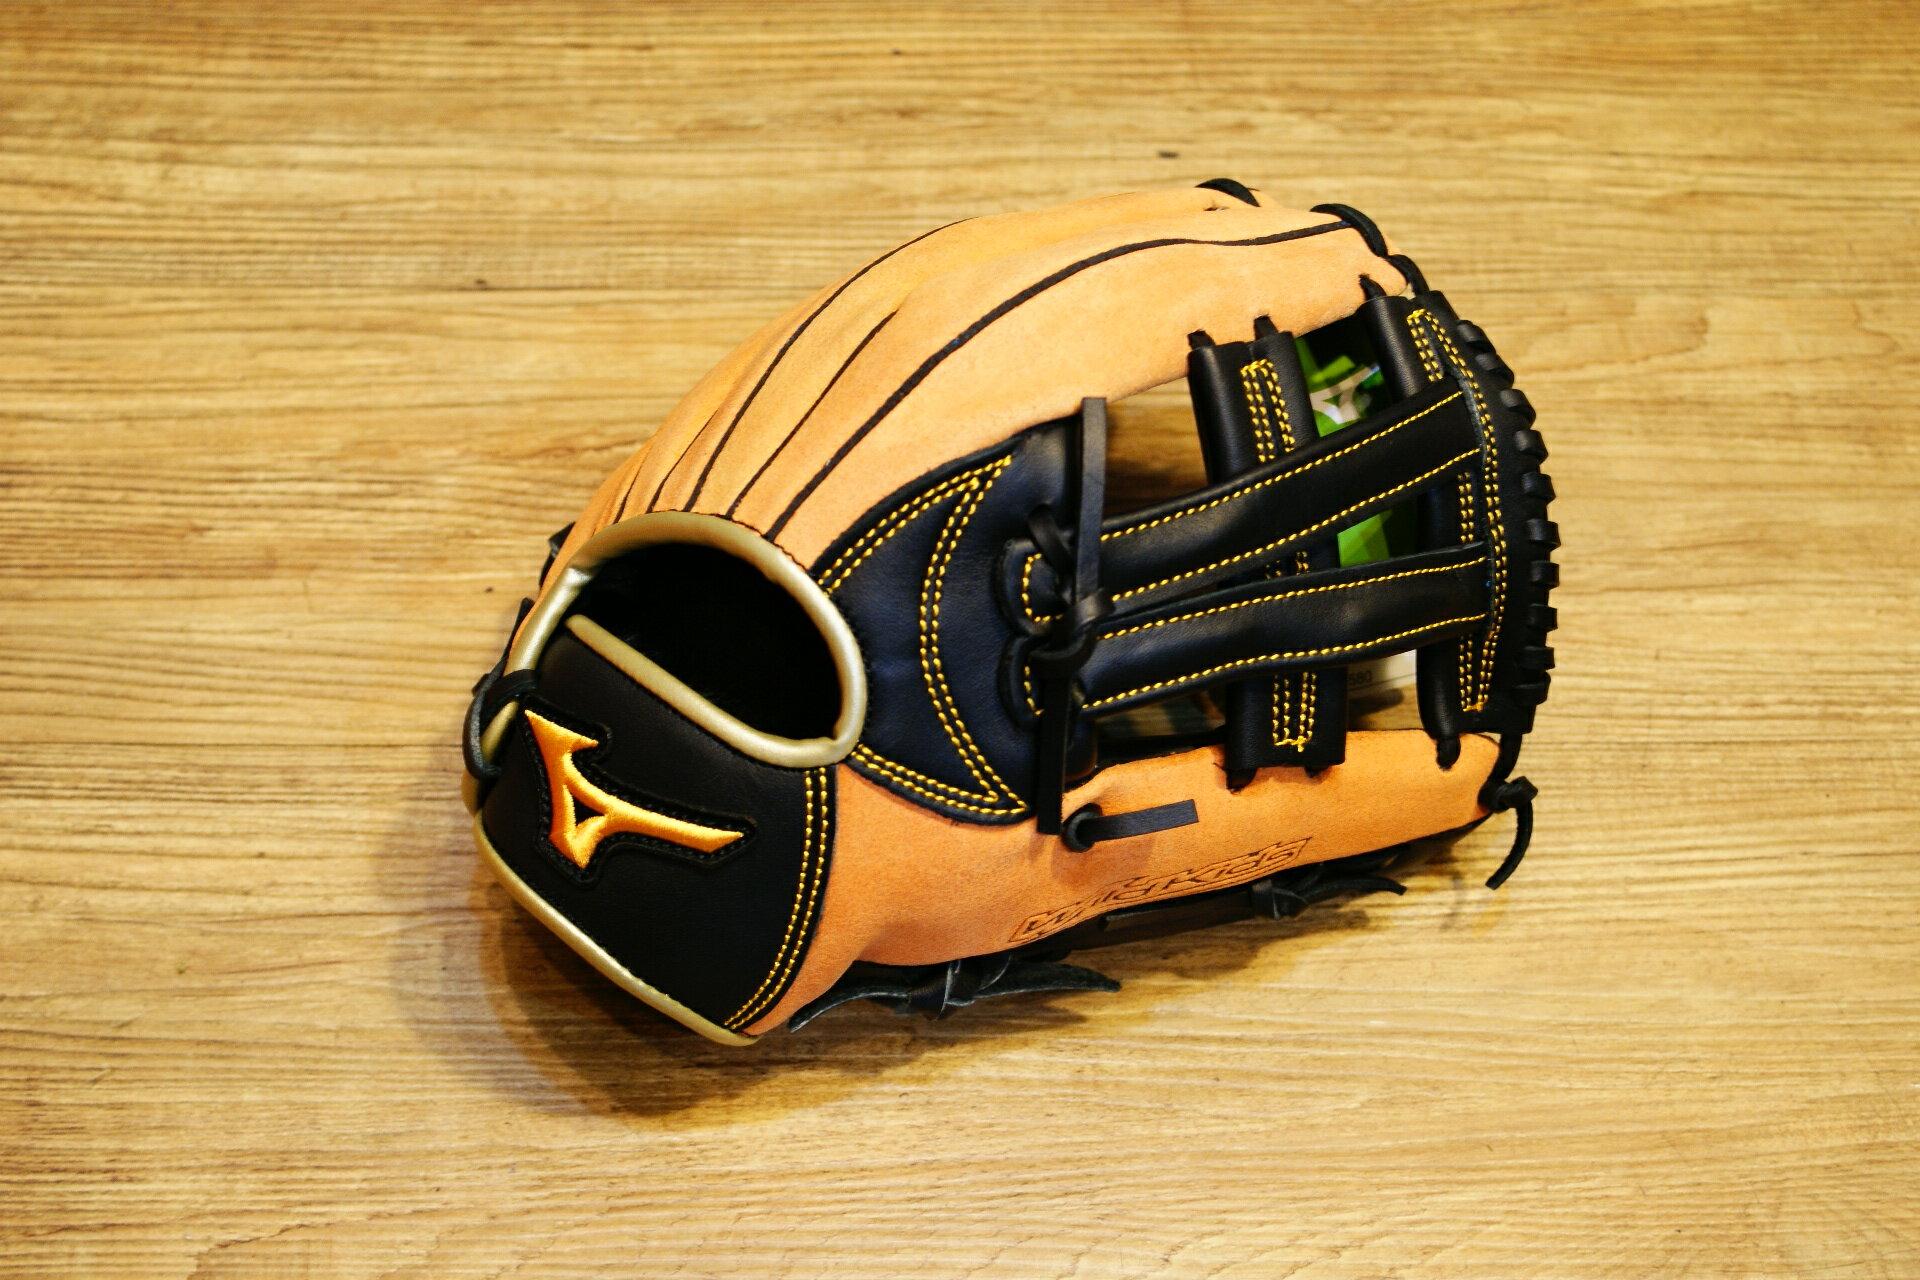 棒球世界 2015年 Mizuno美津濃 WILD KIDS 少年用手套特價 V字